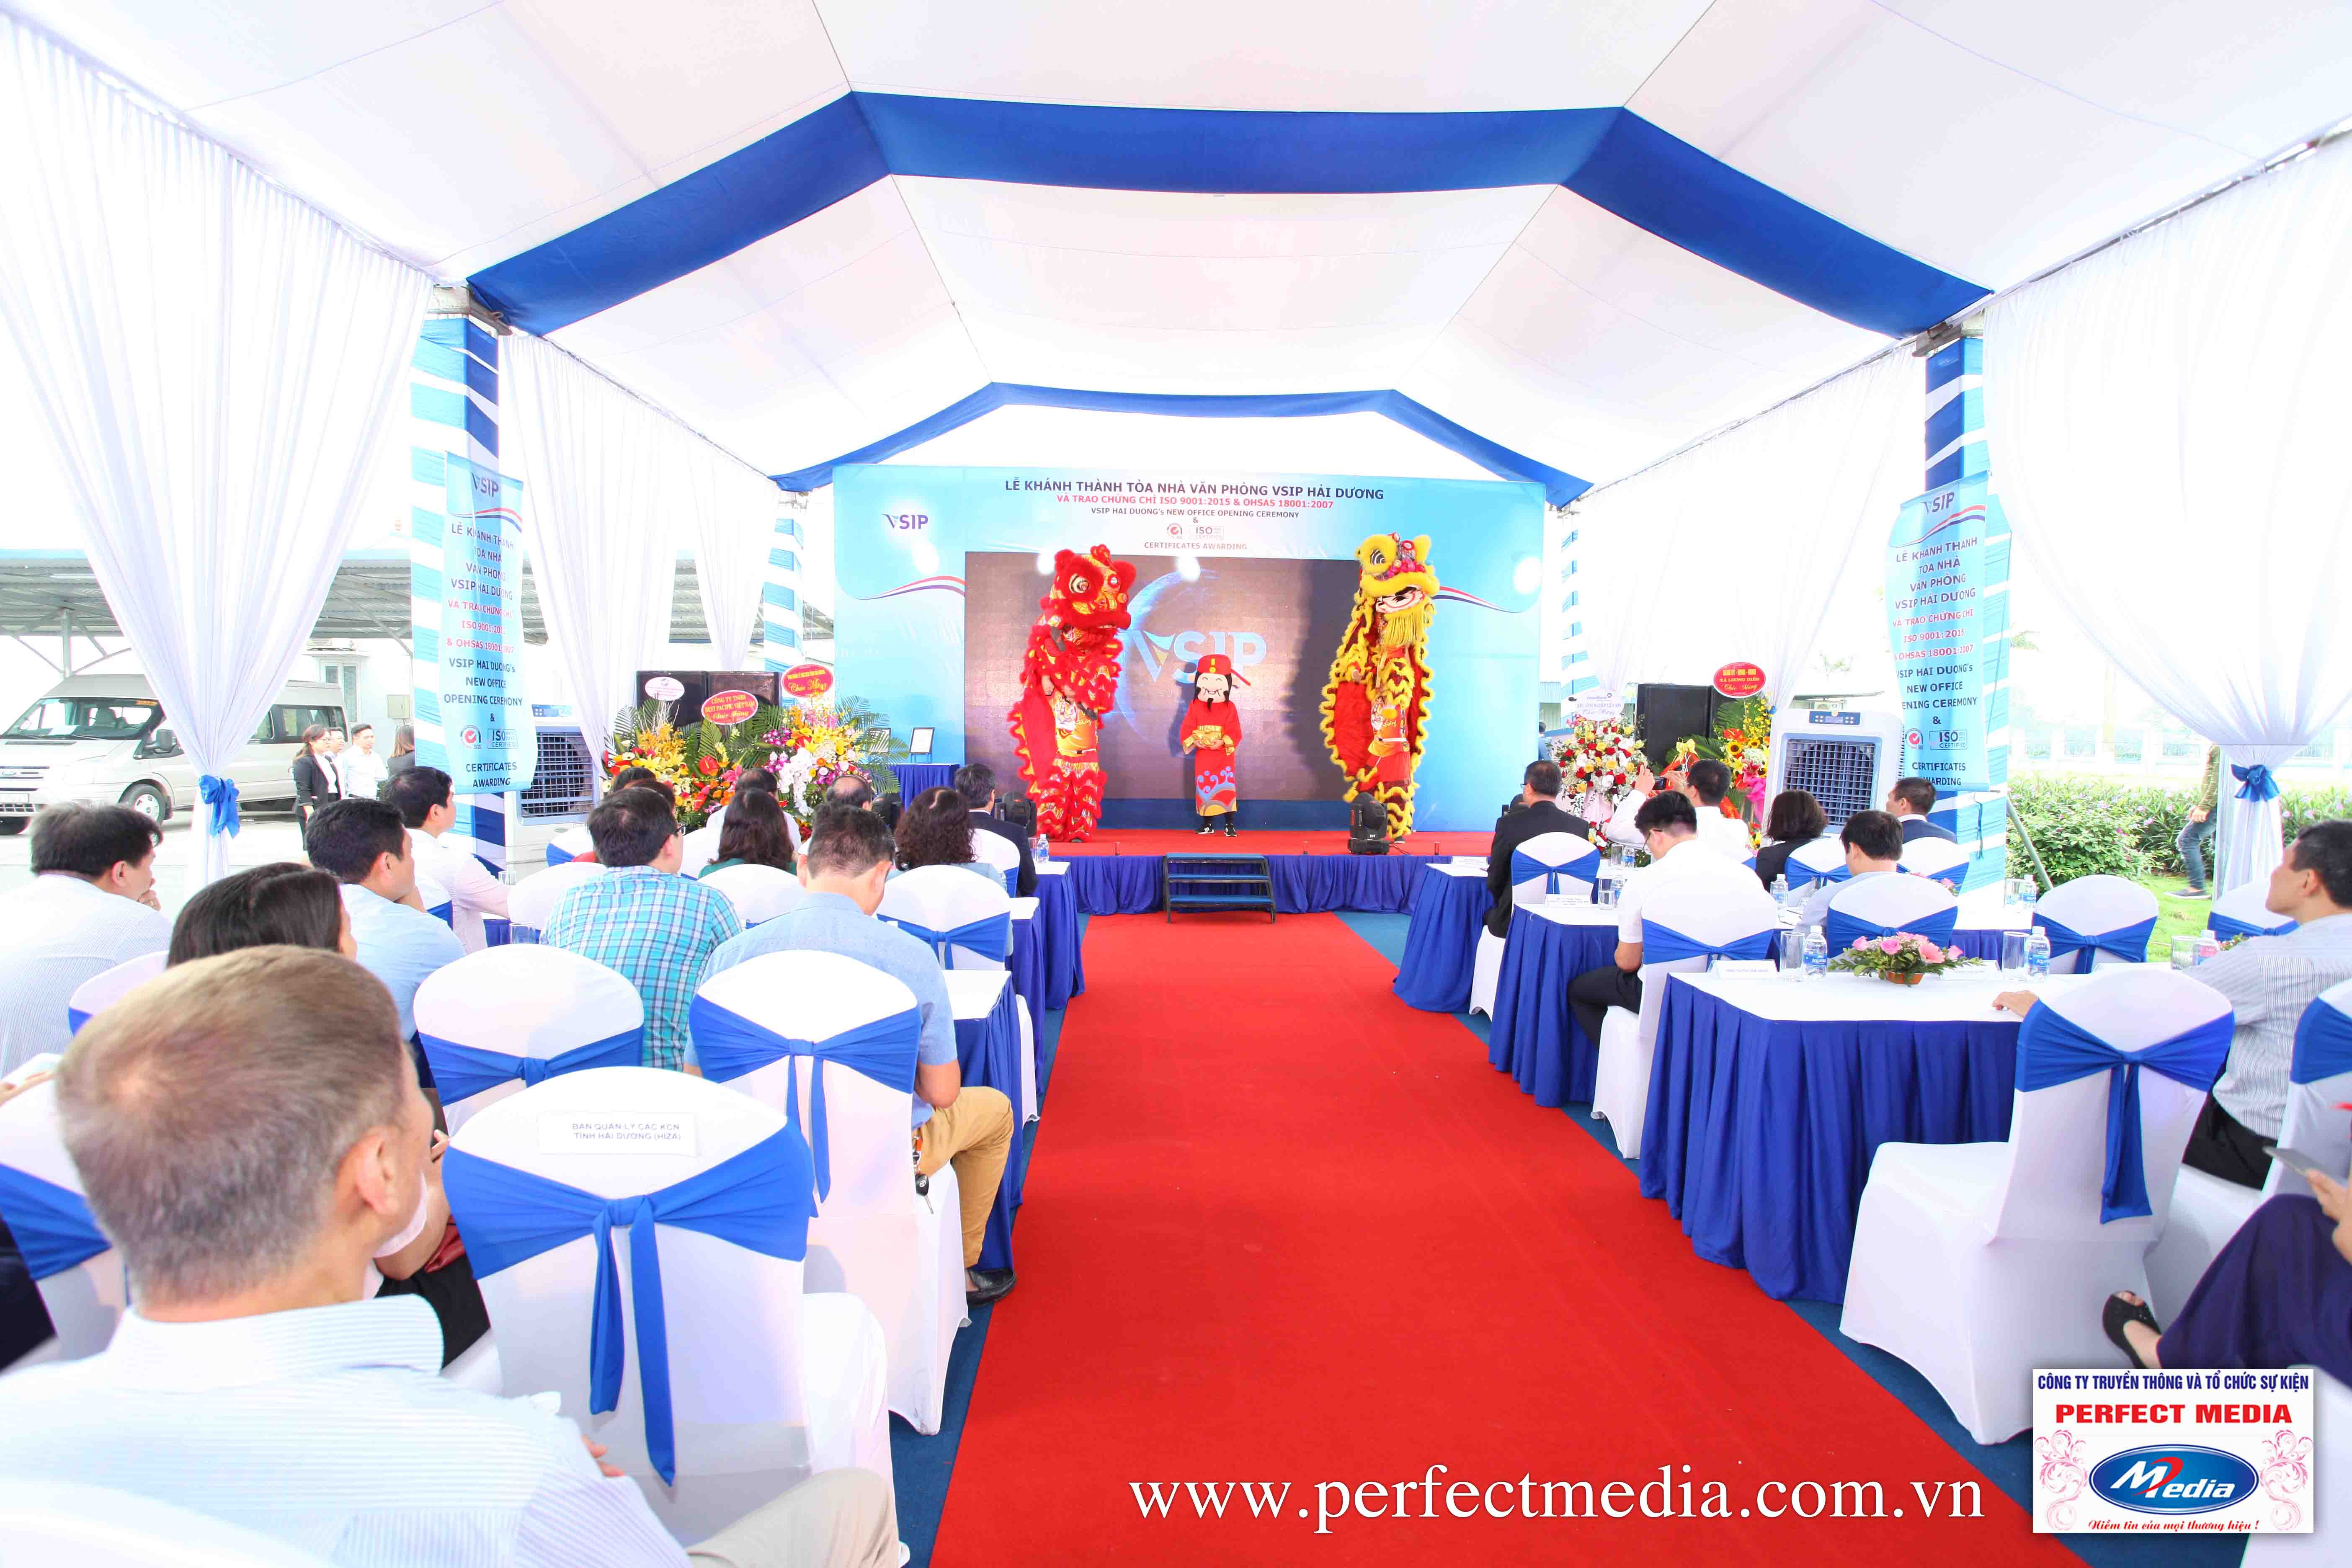 Perfect Media cung cấp nhà bạt, nhà dù, nhà bạt không gian chuyên nghiệp